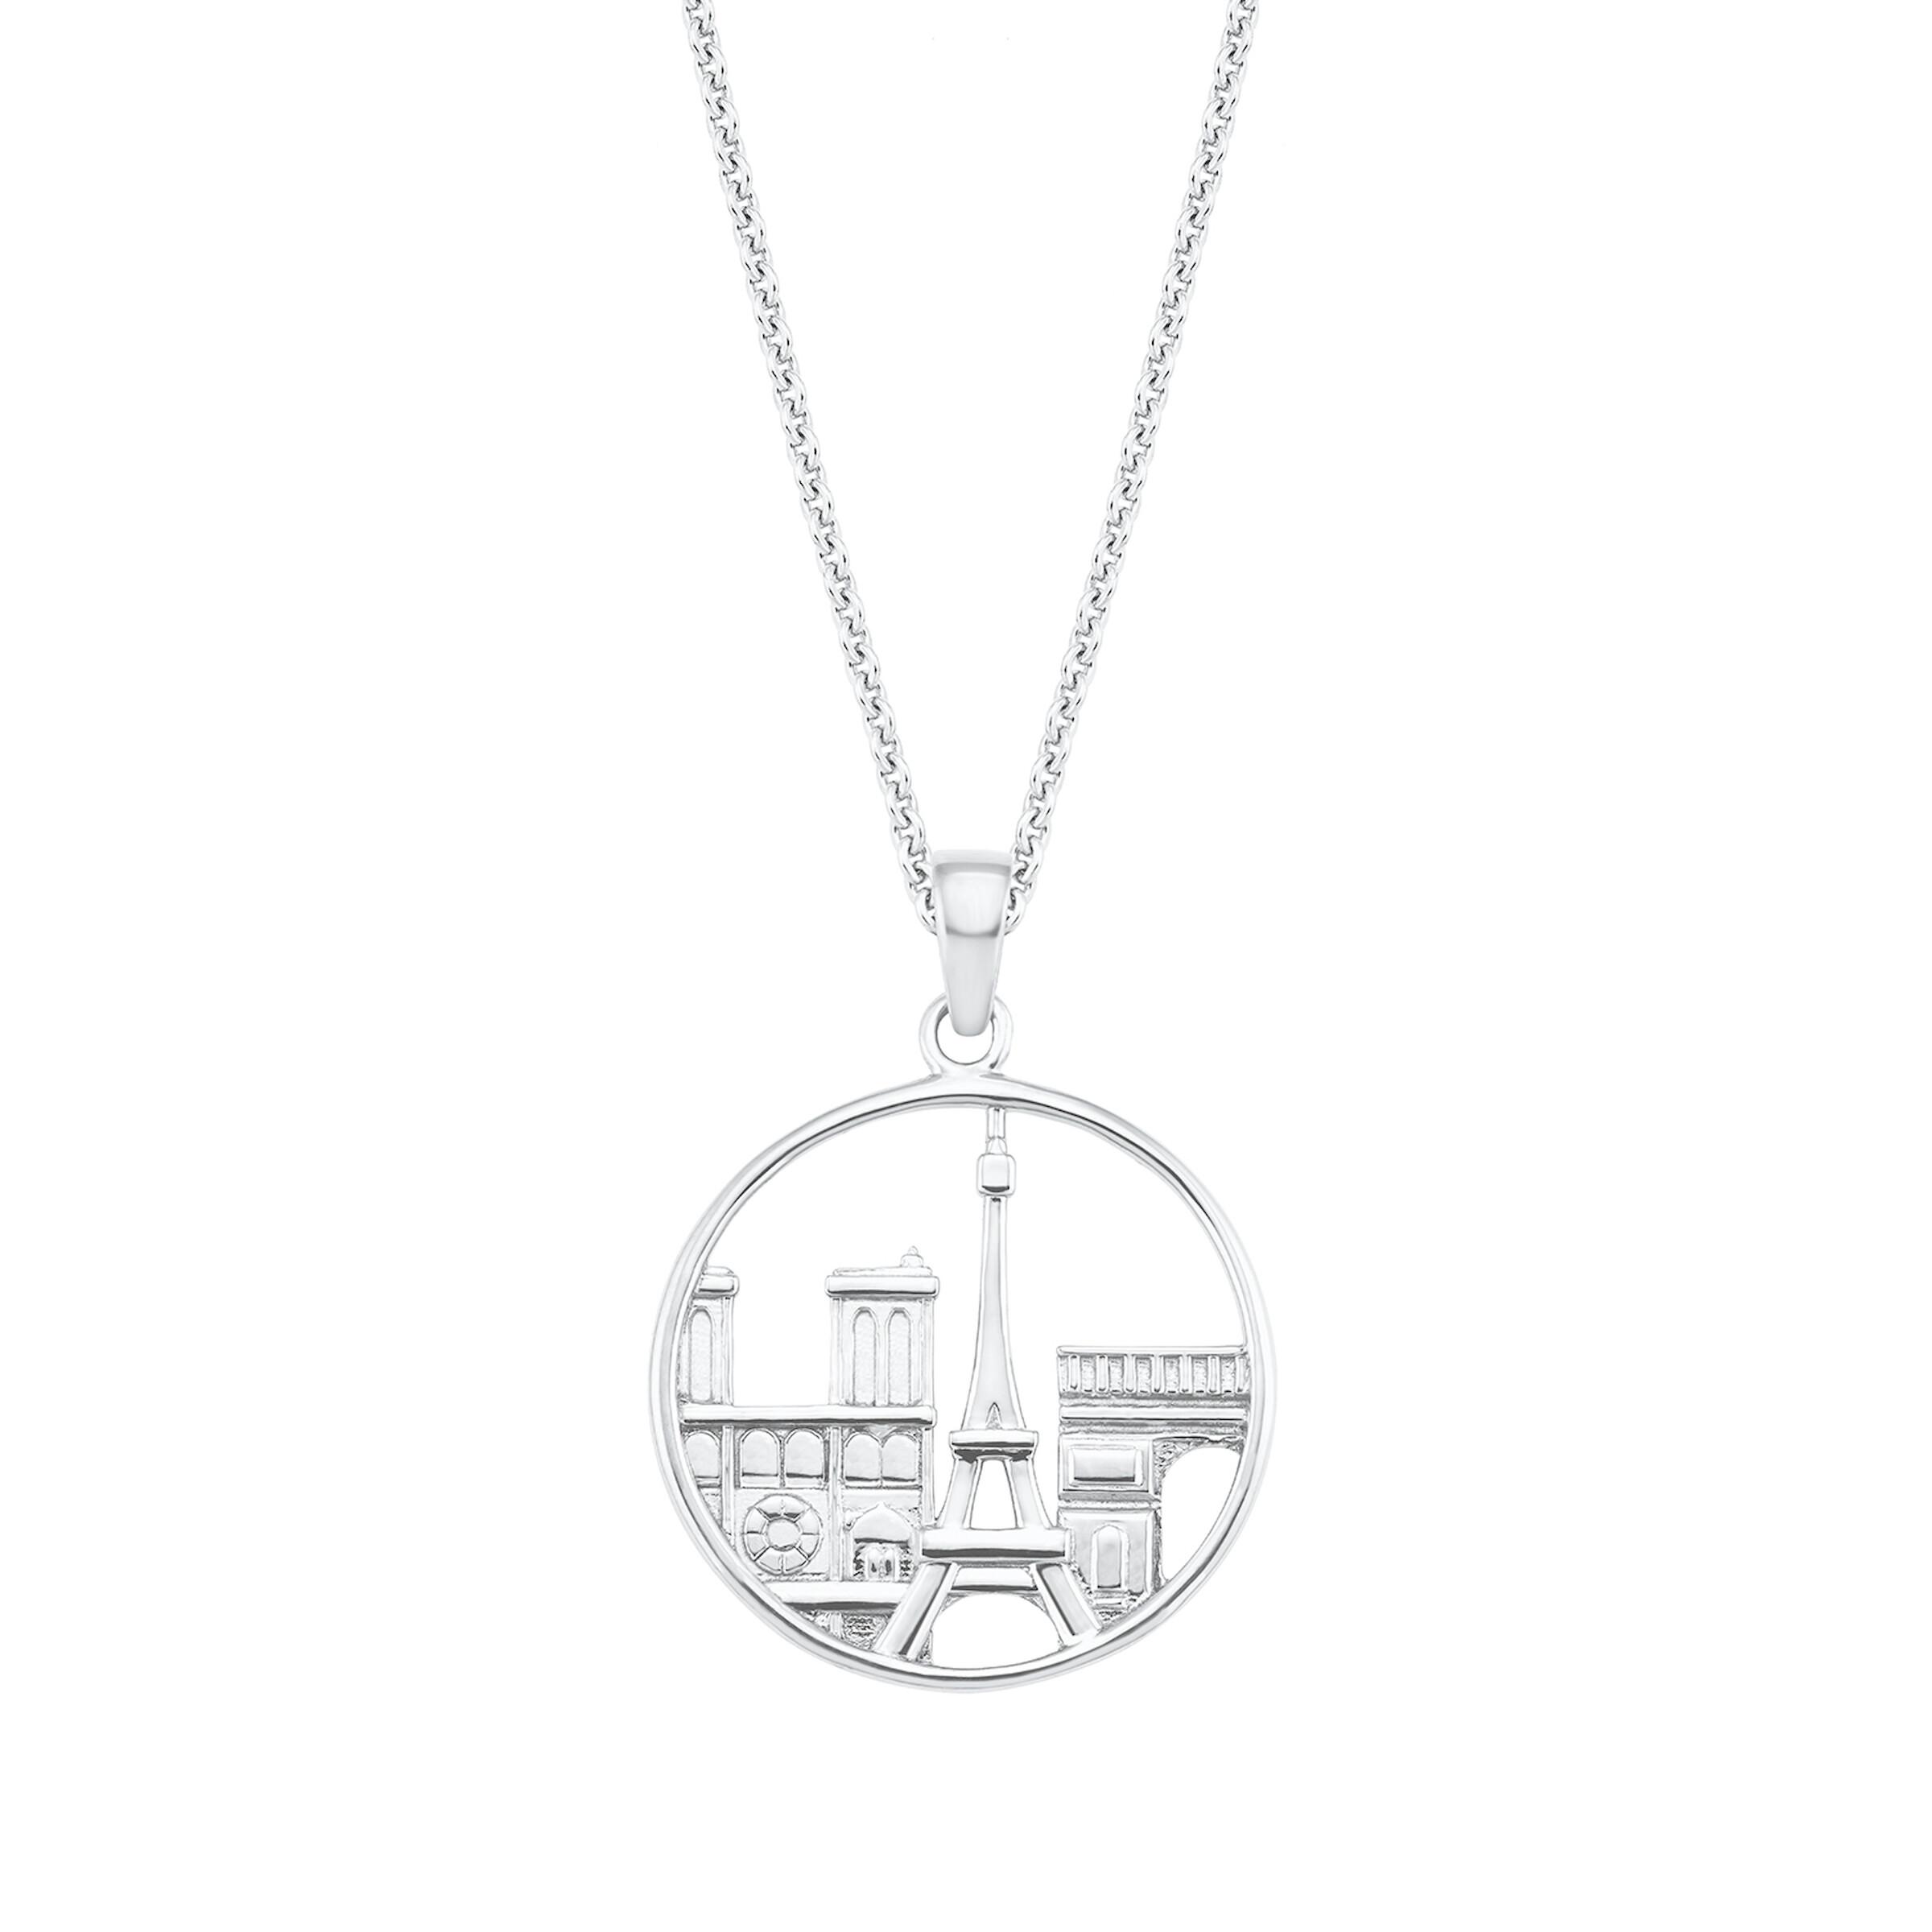 Kette mit Anhänger für Damen, Sterling Silber 925, Paris